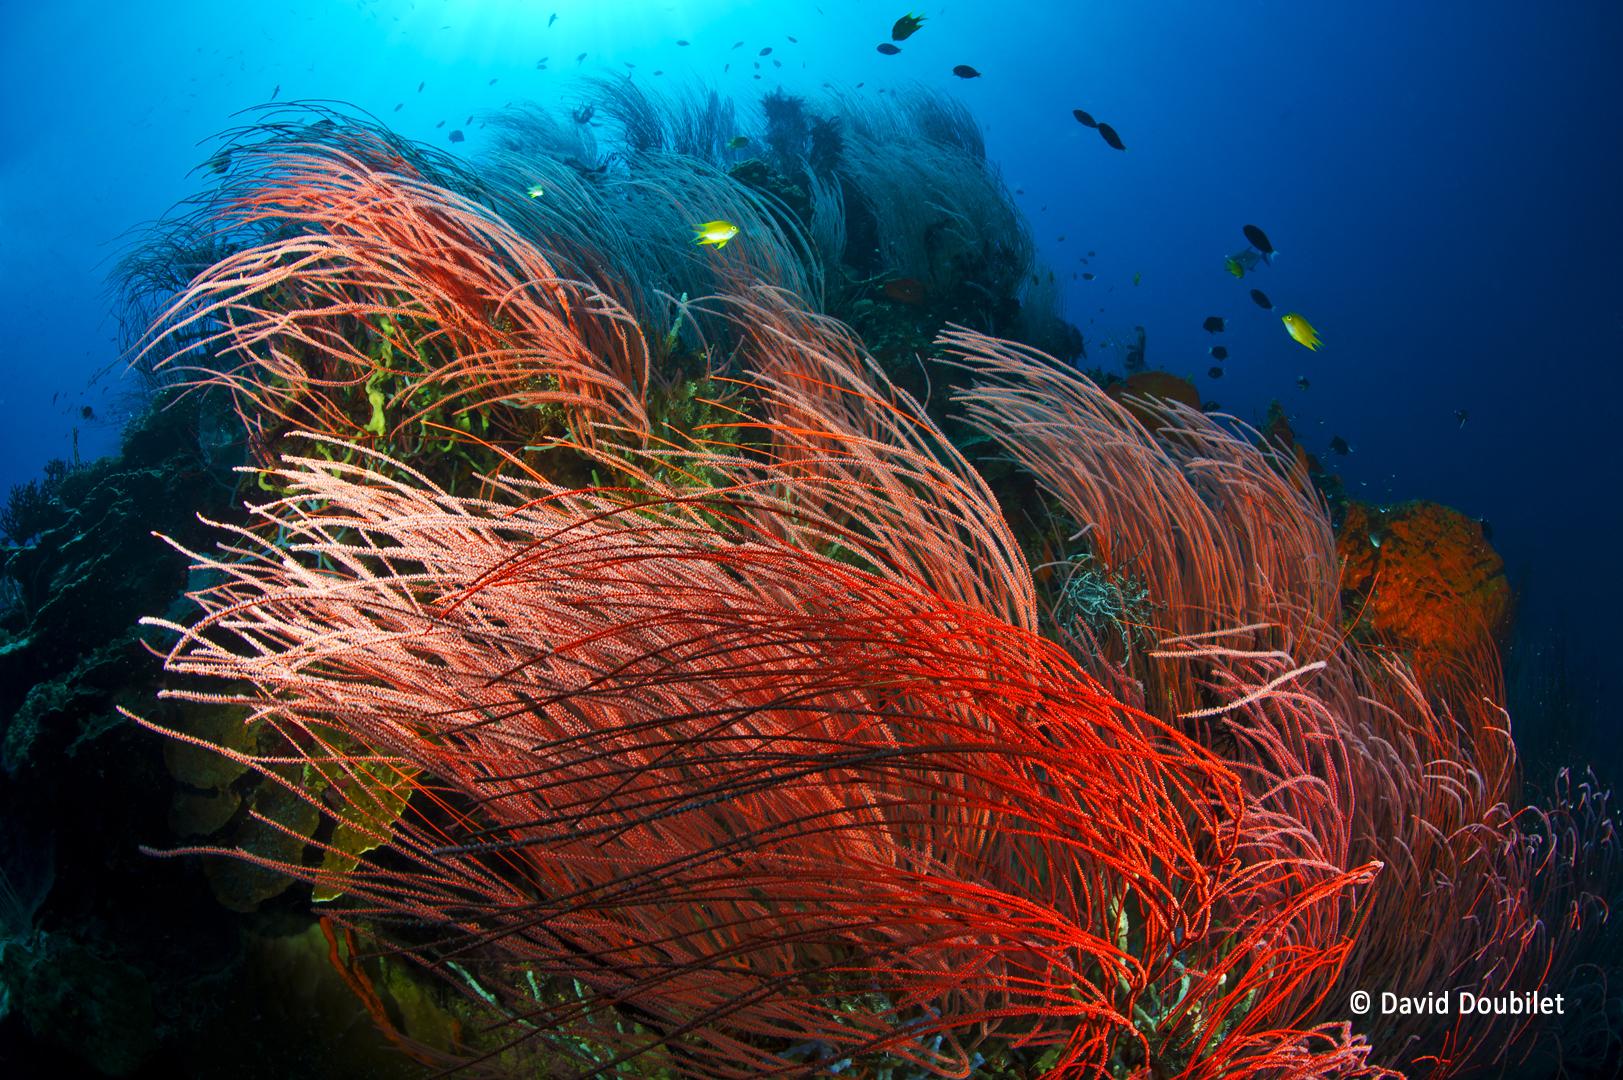 Récif de Susan. Des forêts épaisses de coraux-fouets rouges poussent sur les pentes côtières du récif de Susan dans la baie de Kimbe, en Papouasie-Nouvelle-Guinée. Les fouets rouges bougent dans le courant comme un champ de blé dans le vent.